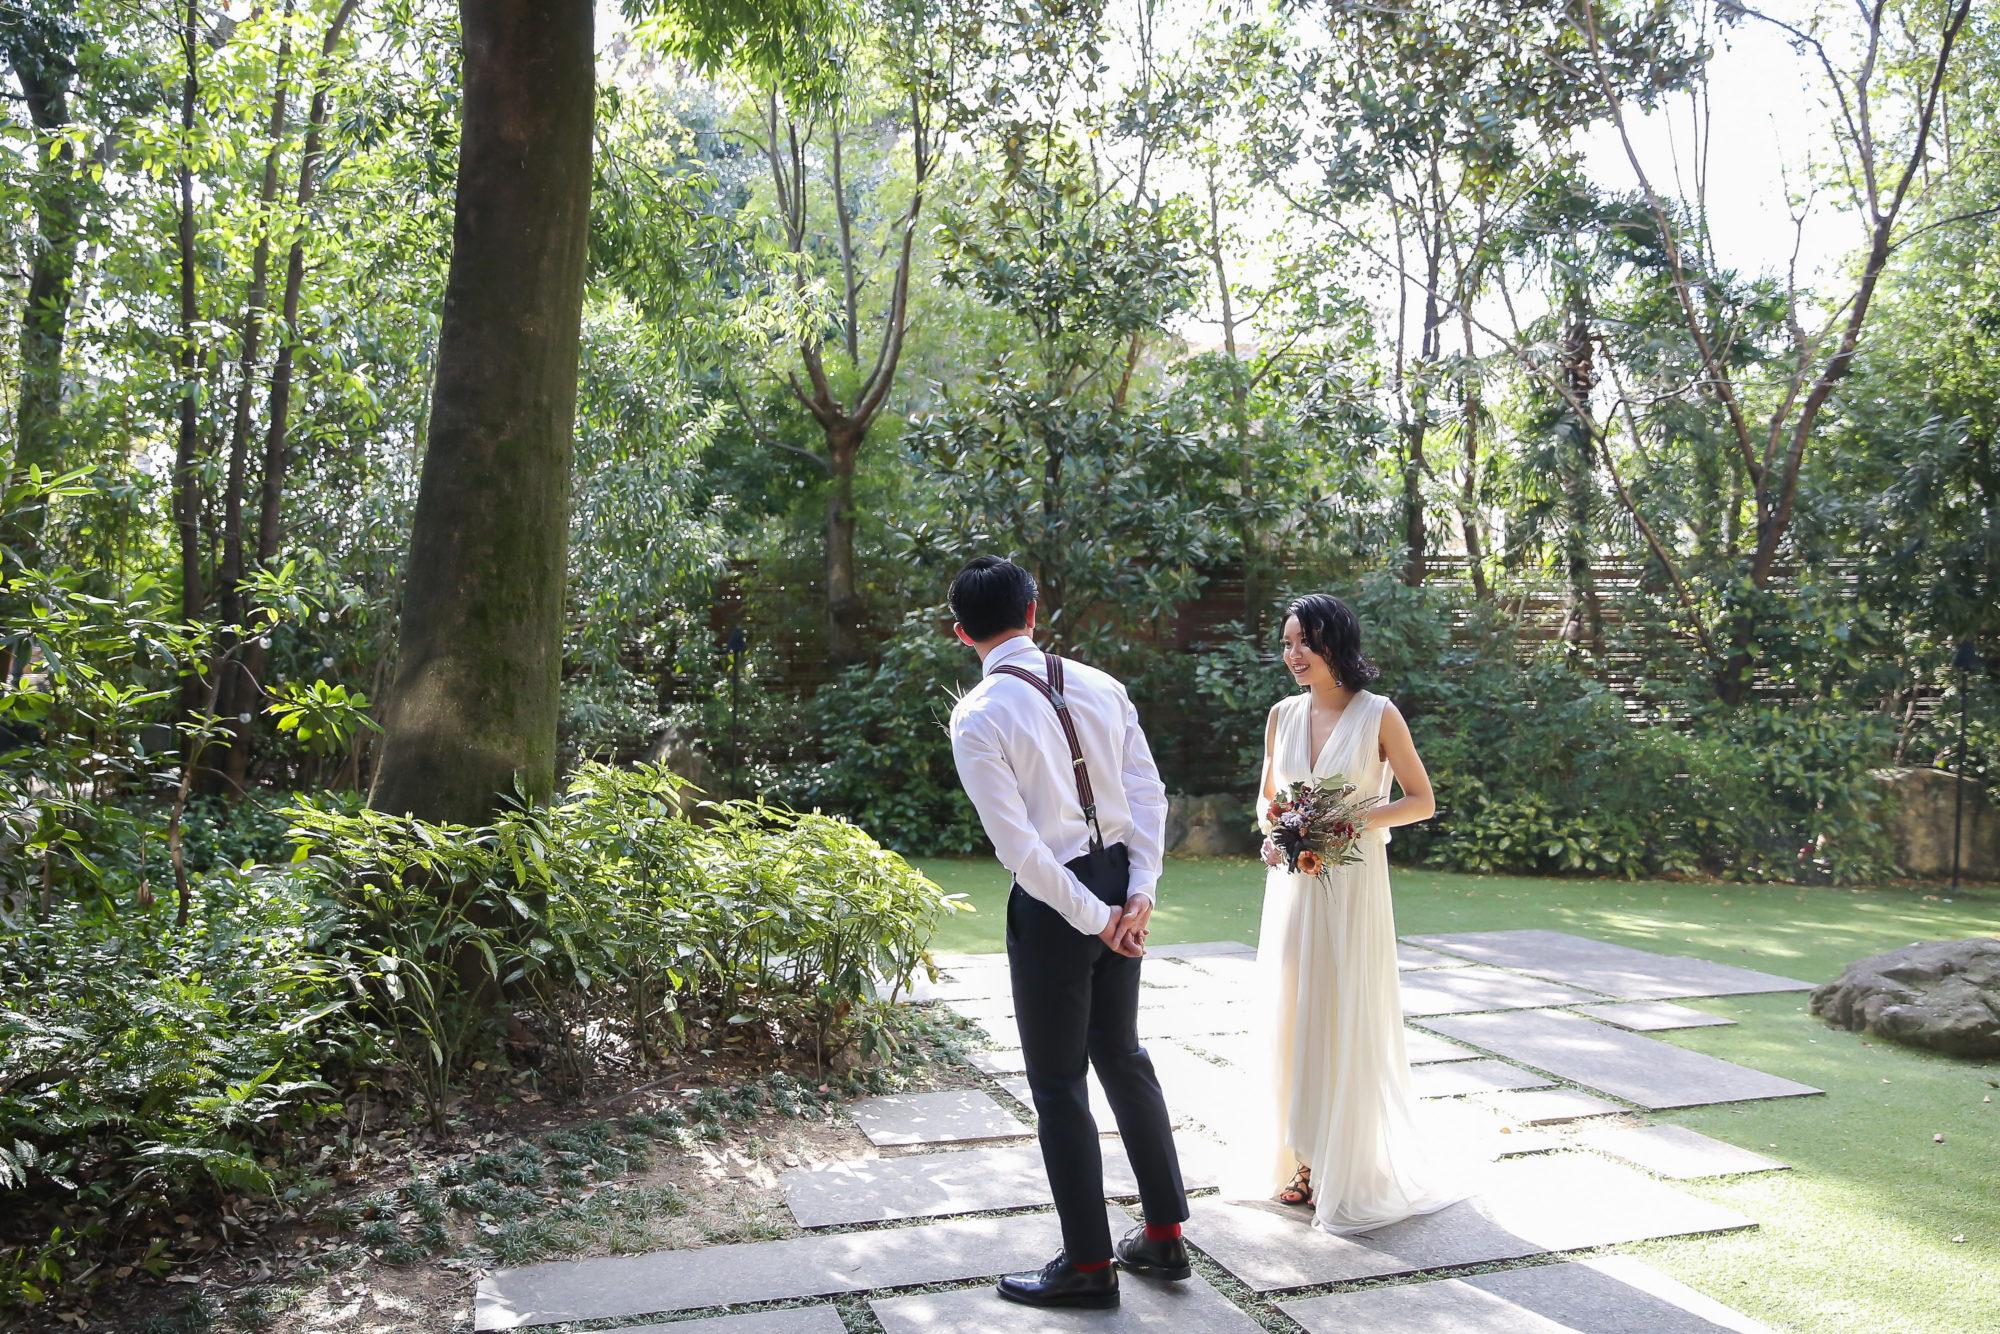 トレンドのウエディングドレス2着をTHE NANZAN HOUSE (ザ ナンザン ハウス)でお召になられた花嫁様